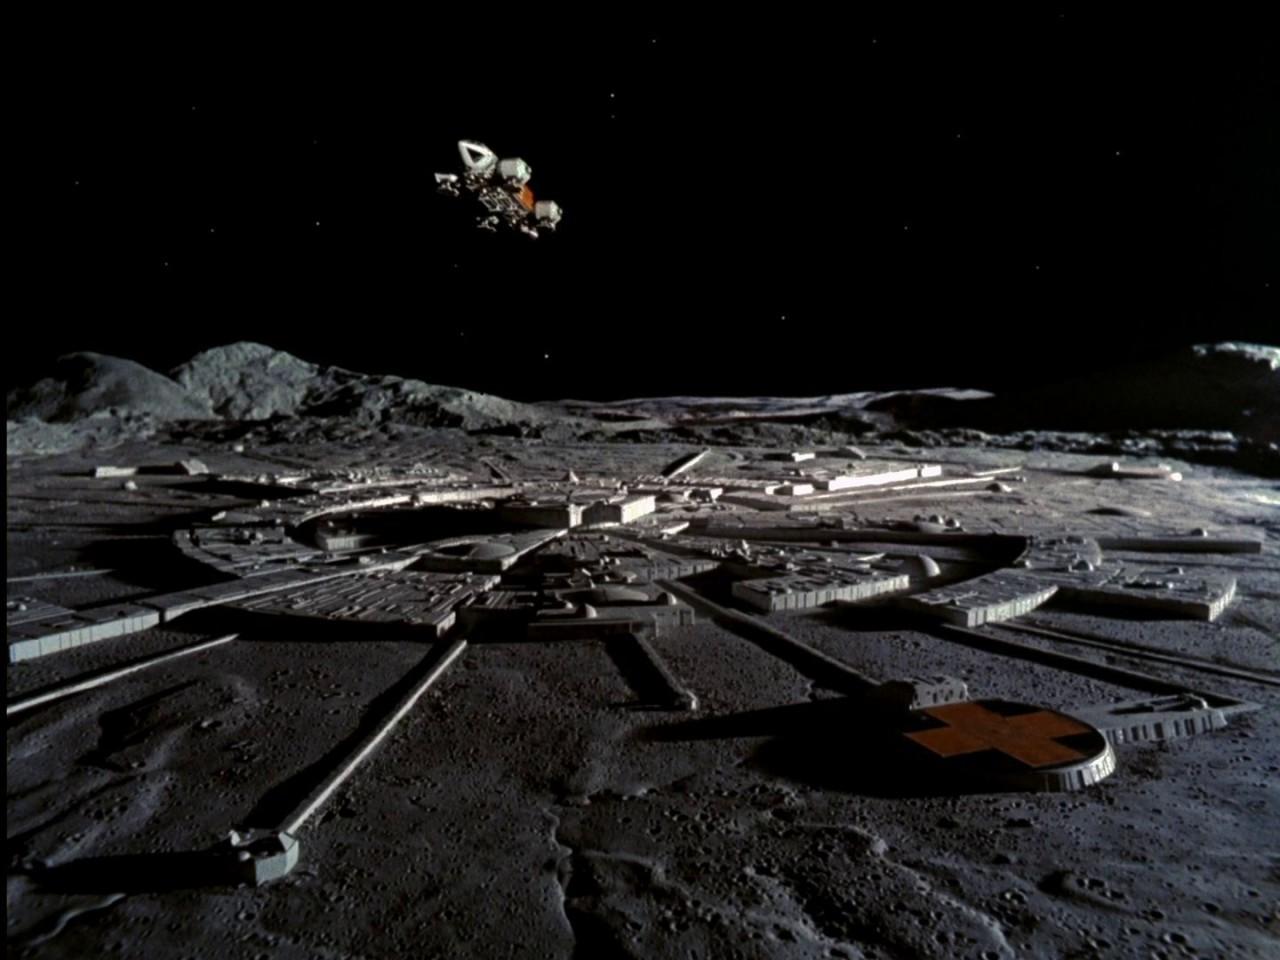 Есть ли надежда построить, наконец, лунную базу?